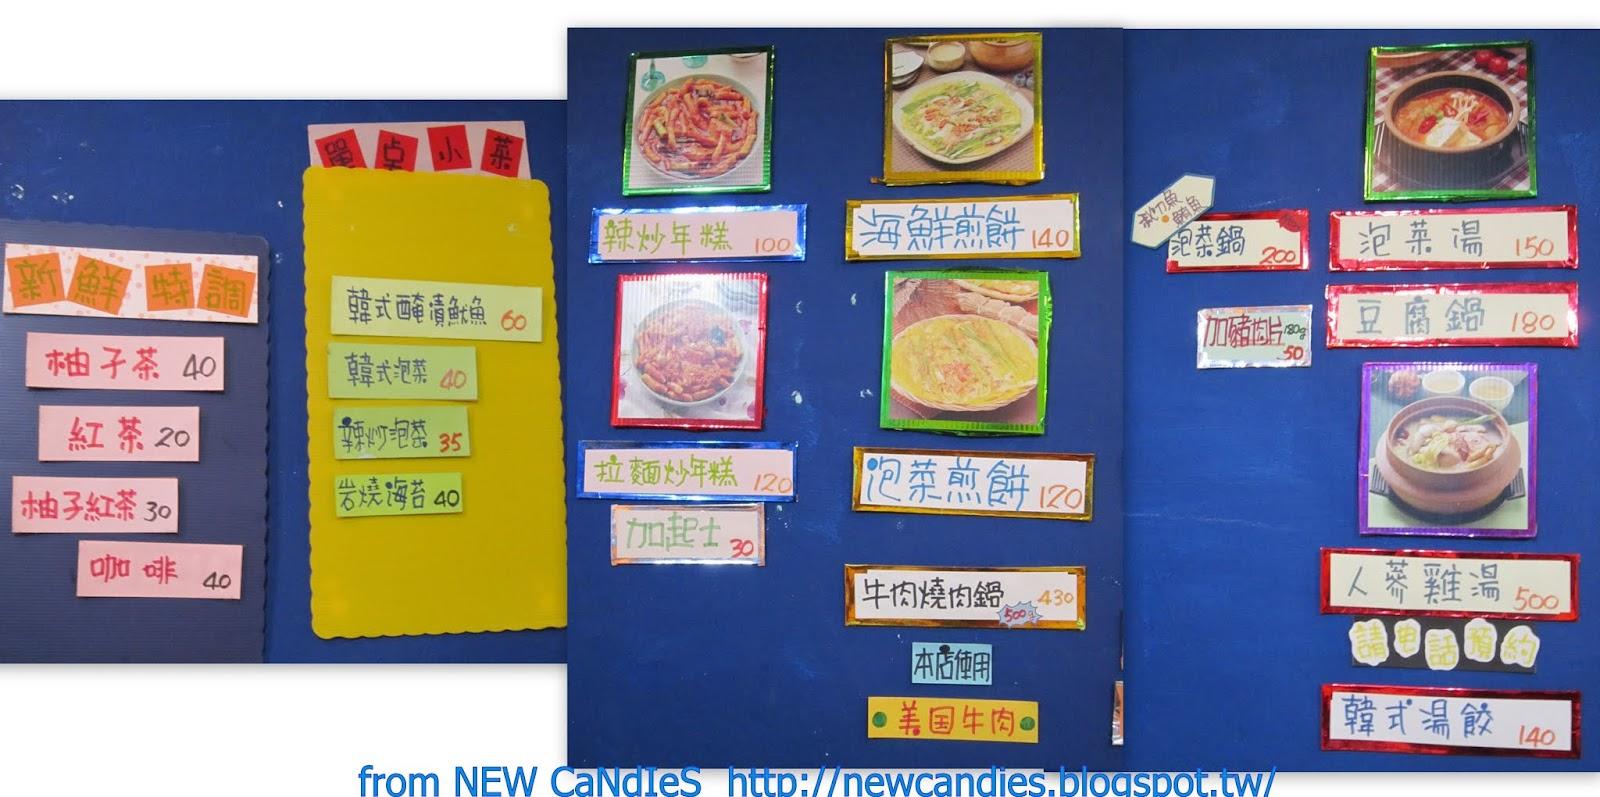 吃喝玩樂。Candies。: 【臺東】Uncle Bab 韓式料理 ── 石鍋拌飯 (已歇業)